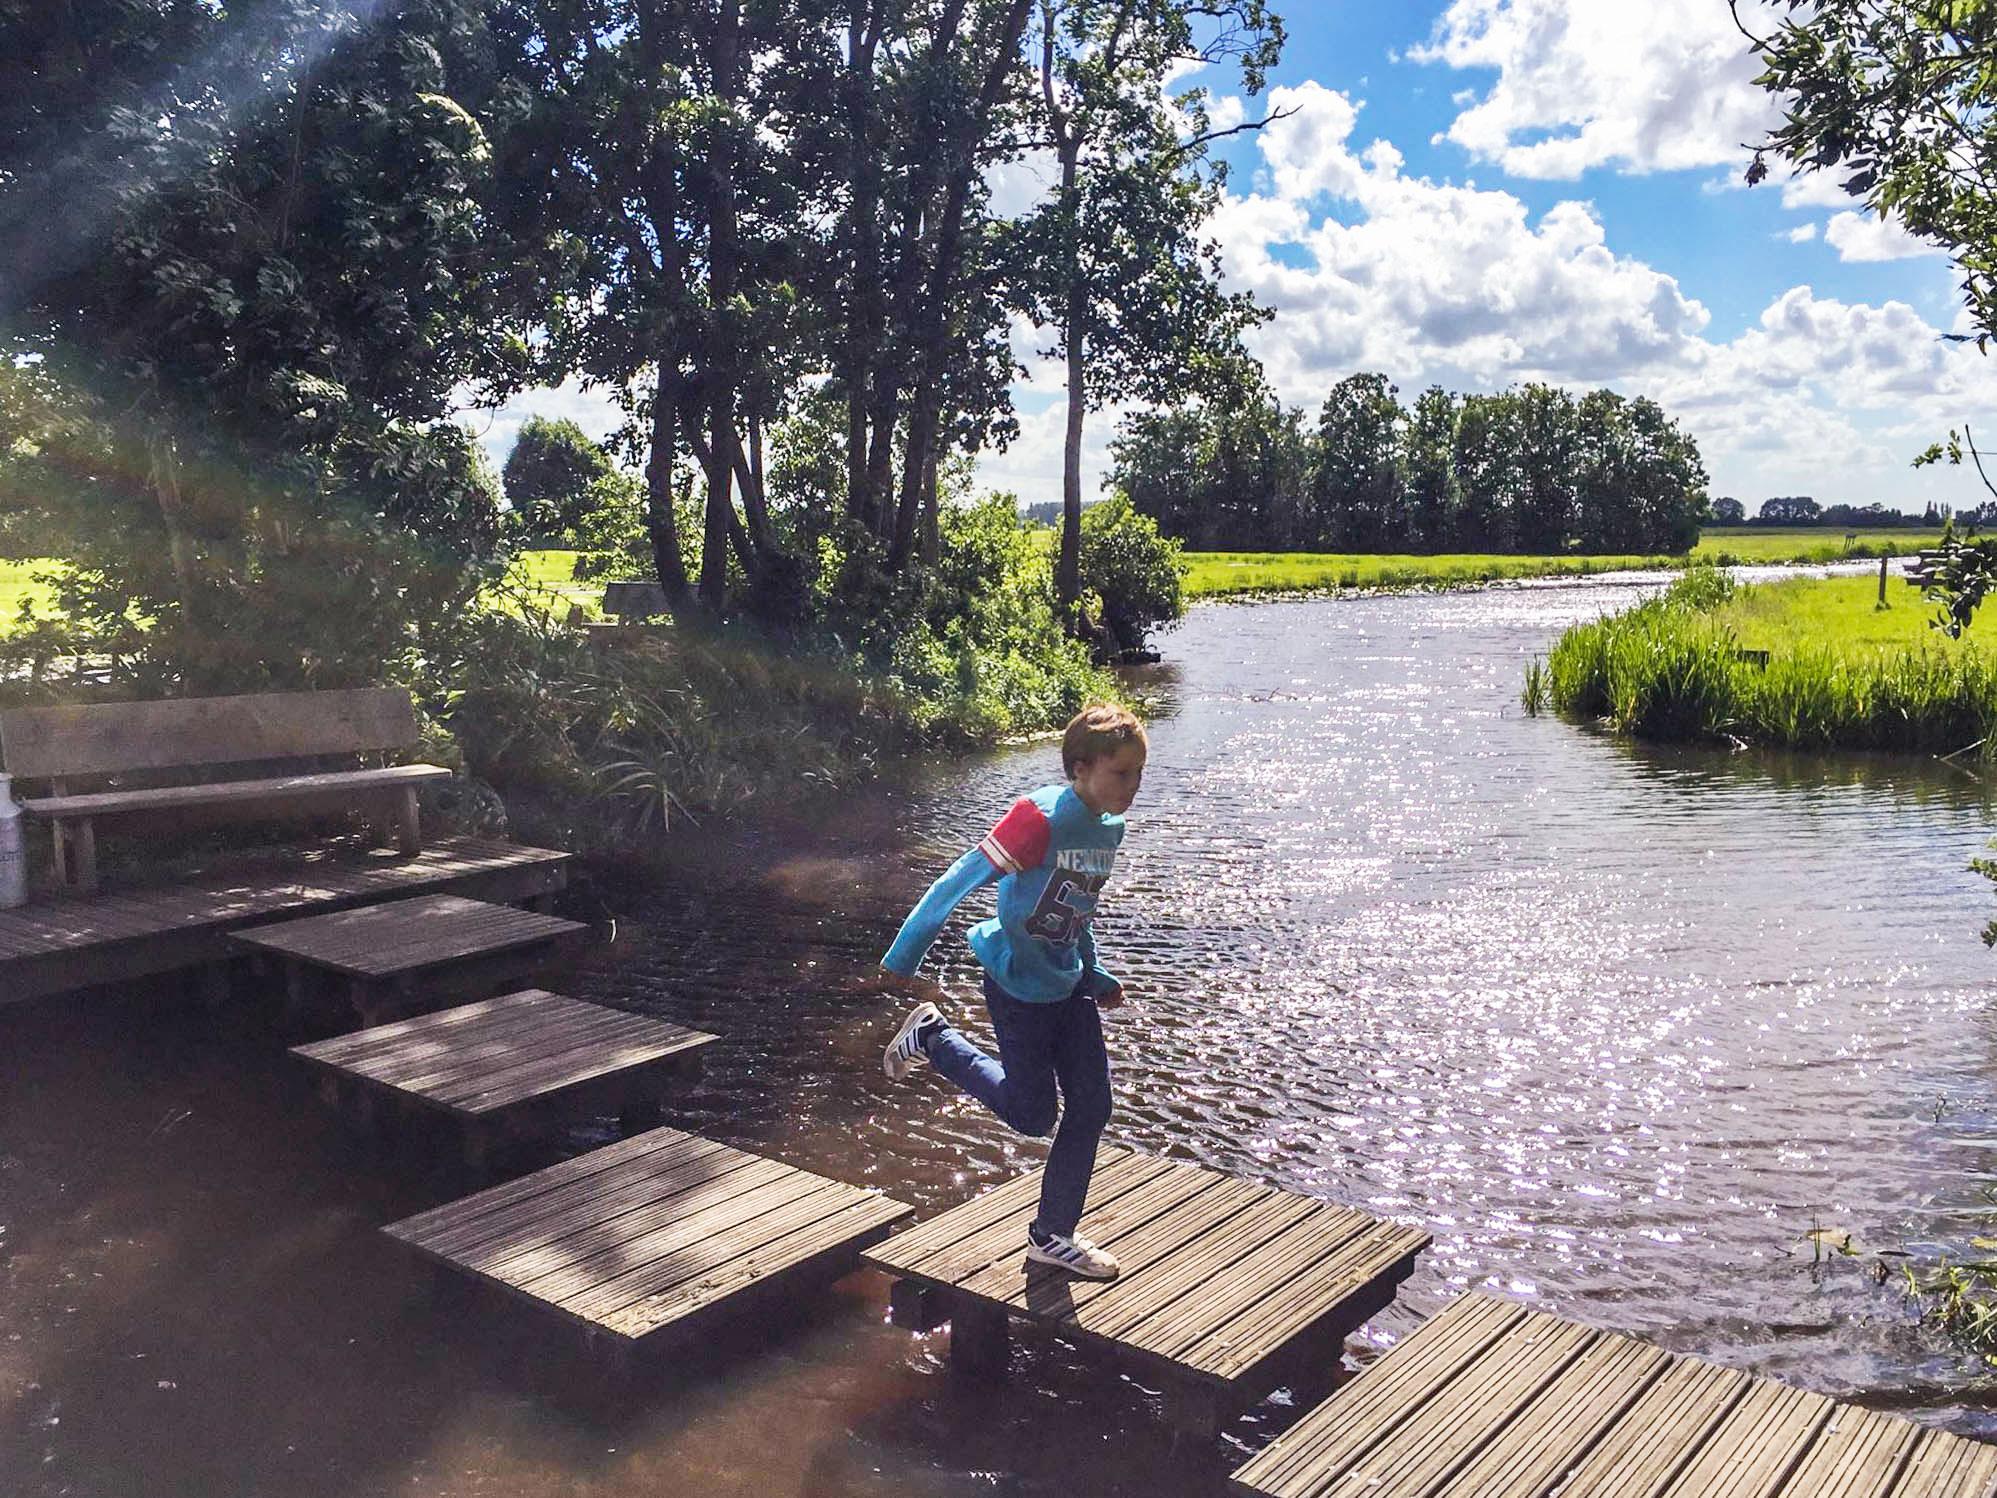 Activiteit poldersport | Camping de Boerinn